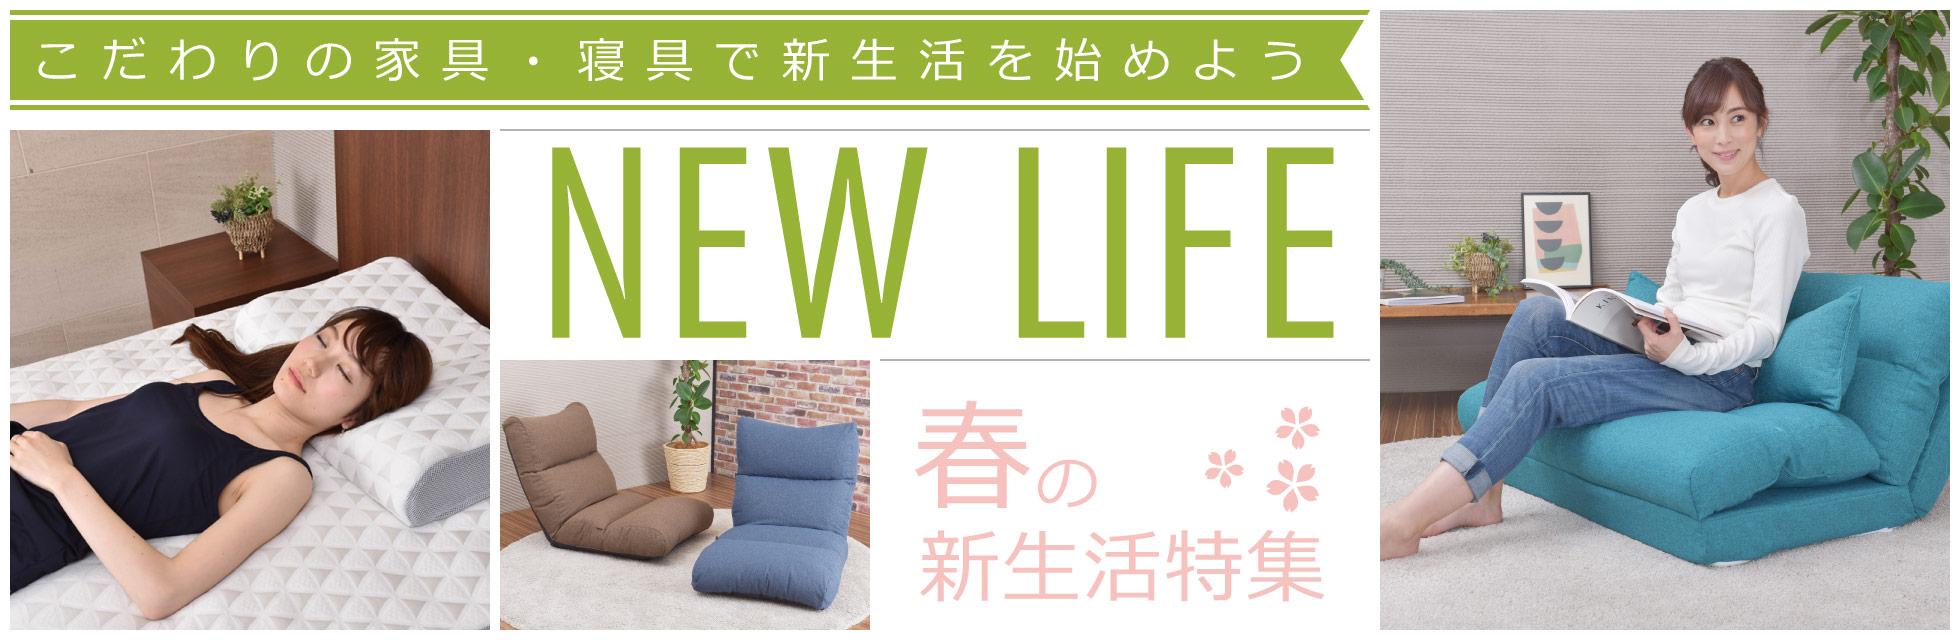 春の新生活特集